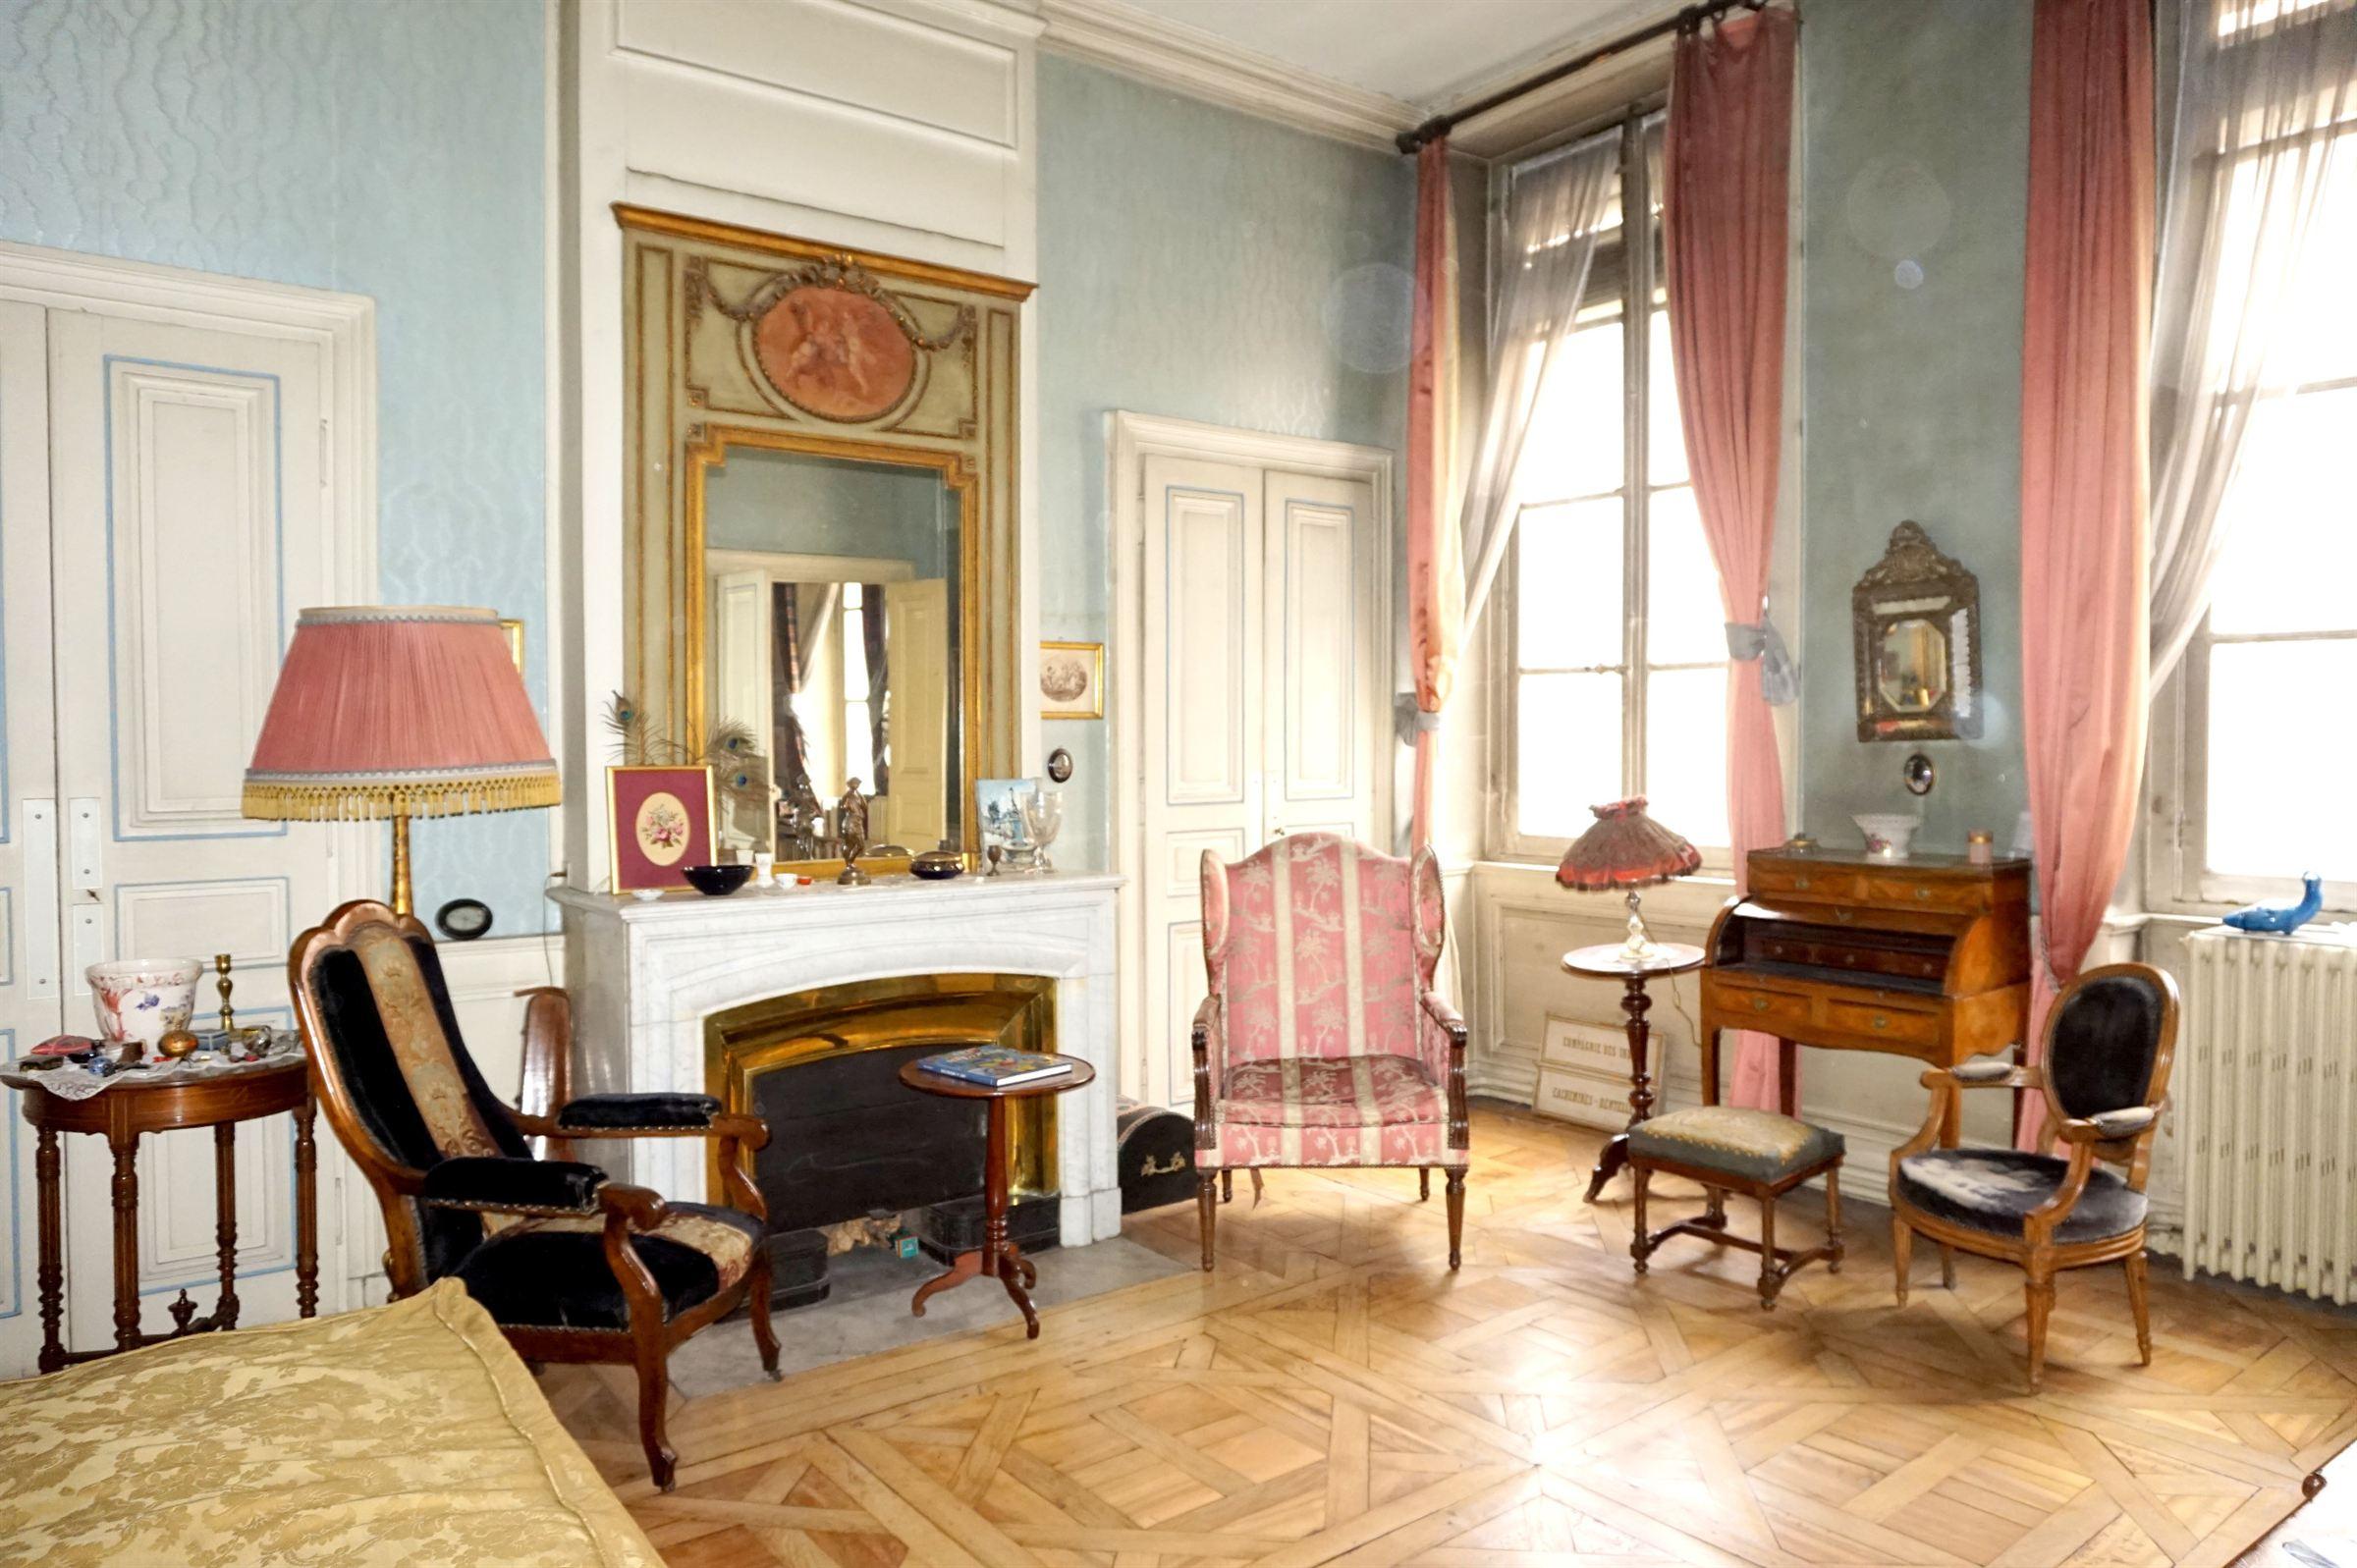 Квартира для того Продажа на Apartment Lyon, Рона-Альпы, 69002 Франция